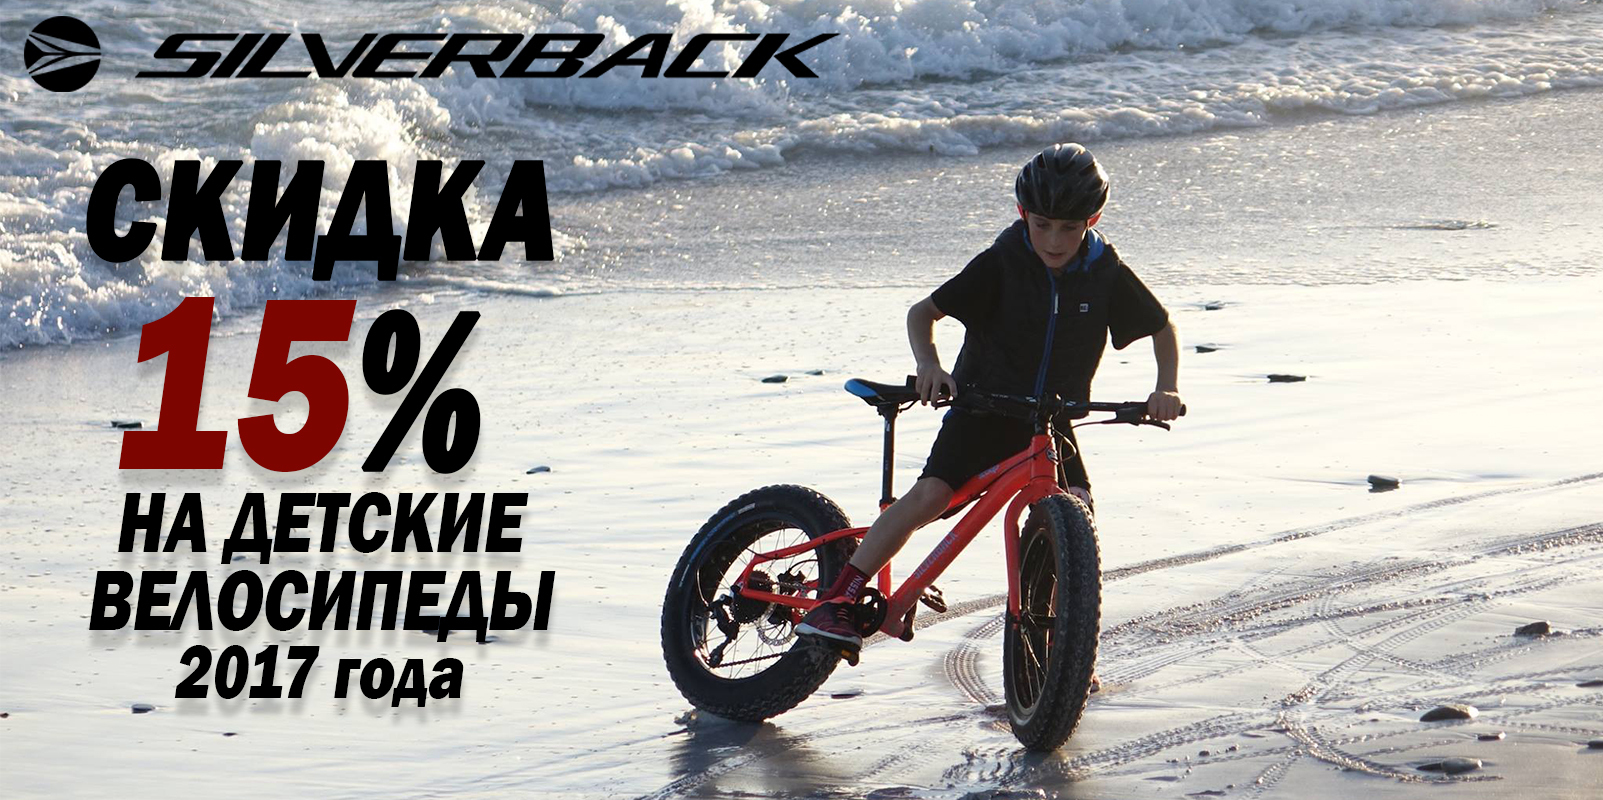 Распродажа детских велосипедов Silverback 2017 года